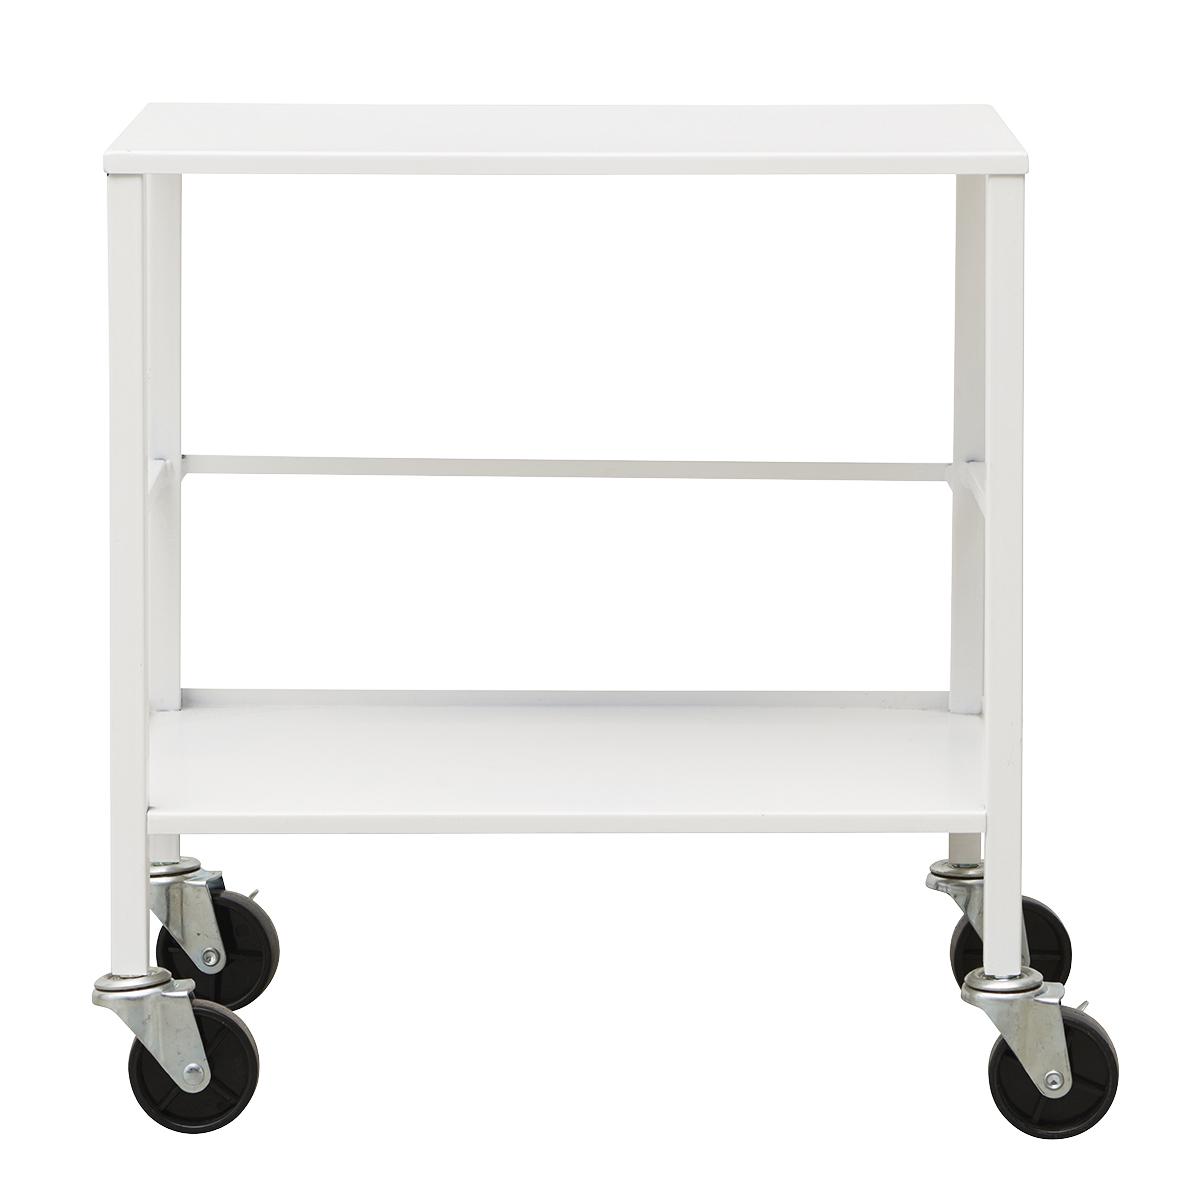 house doctor – House doctor office trolley - hvid metal, 2 hylder, (55x35cm) på boboonline.dk